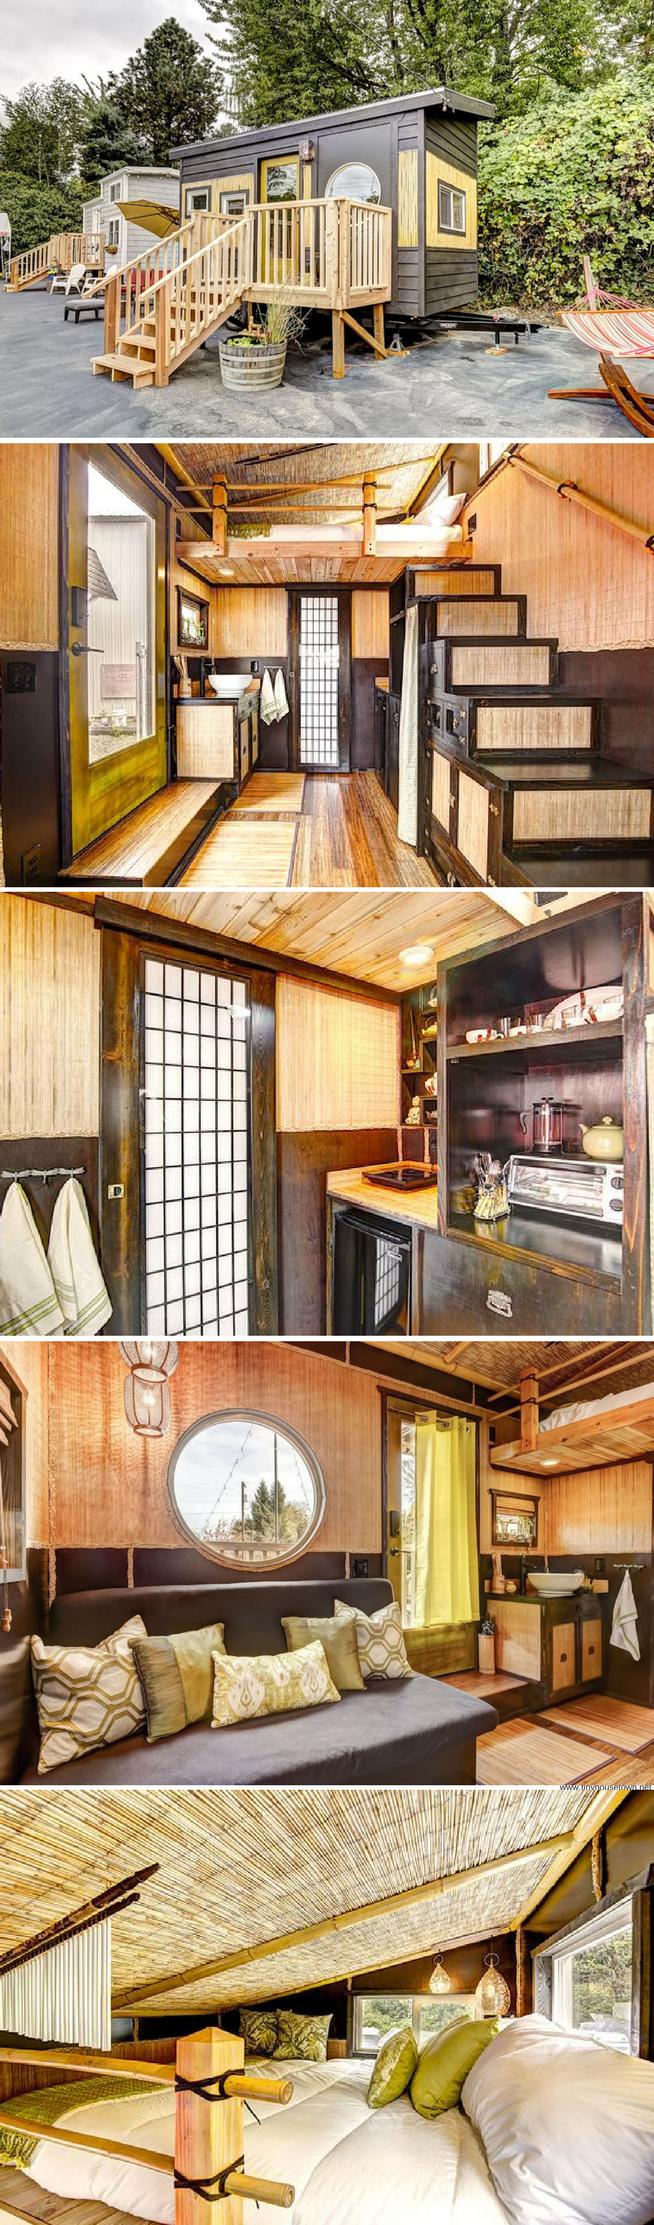 The Bamboo Tiny House Tiny House Living Tiny House